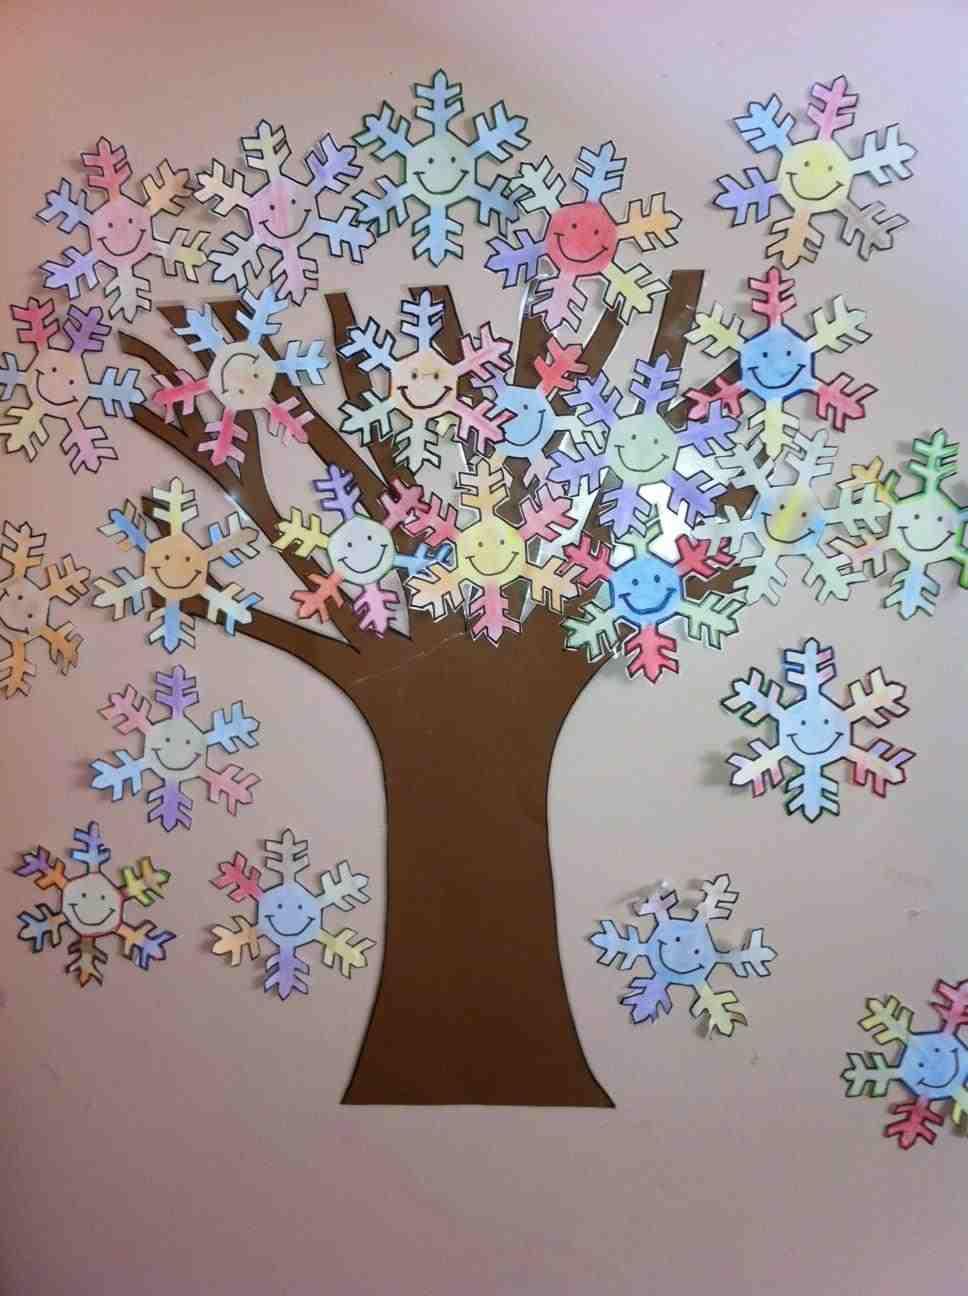 Mi mundo infantil manualidades invierno - Manualidades para decorar el arbol de navidad ...